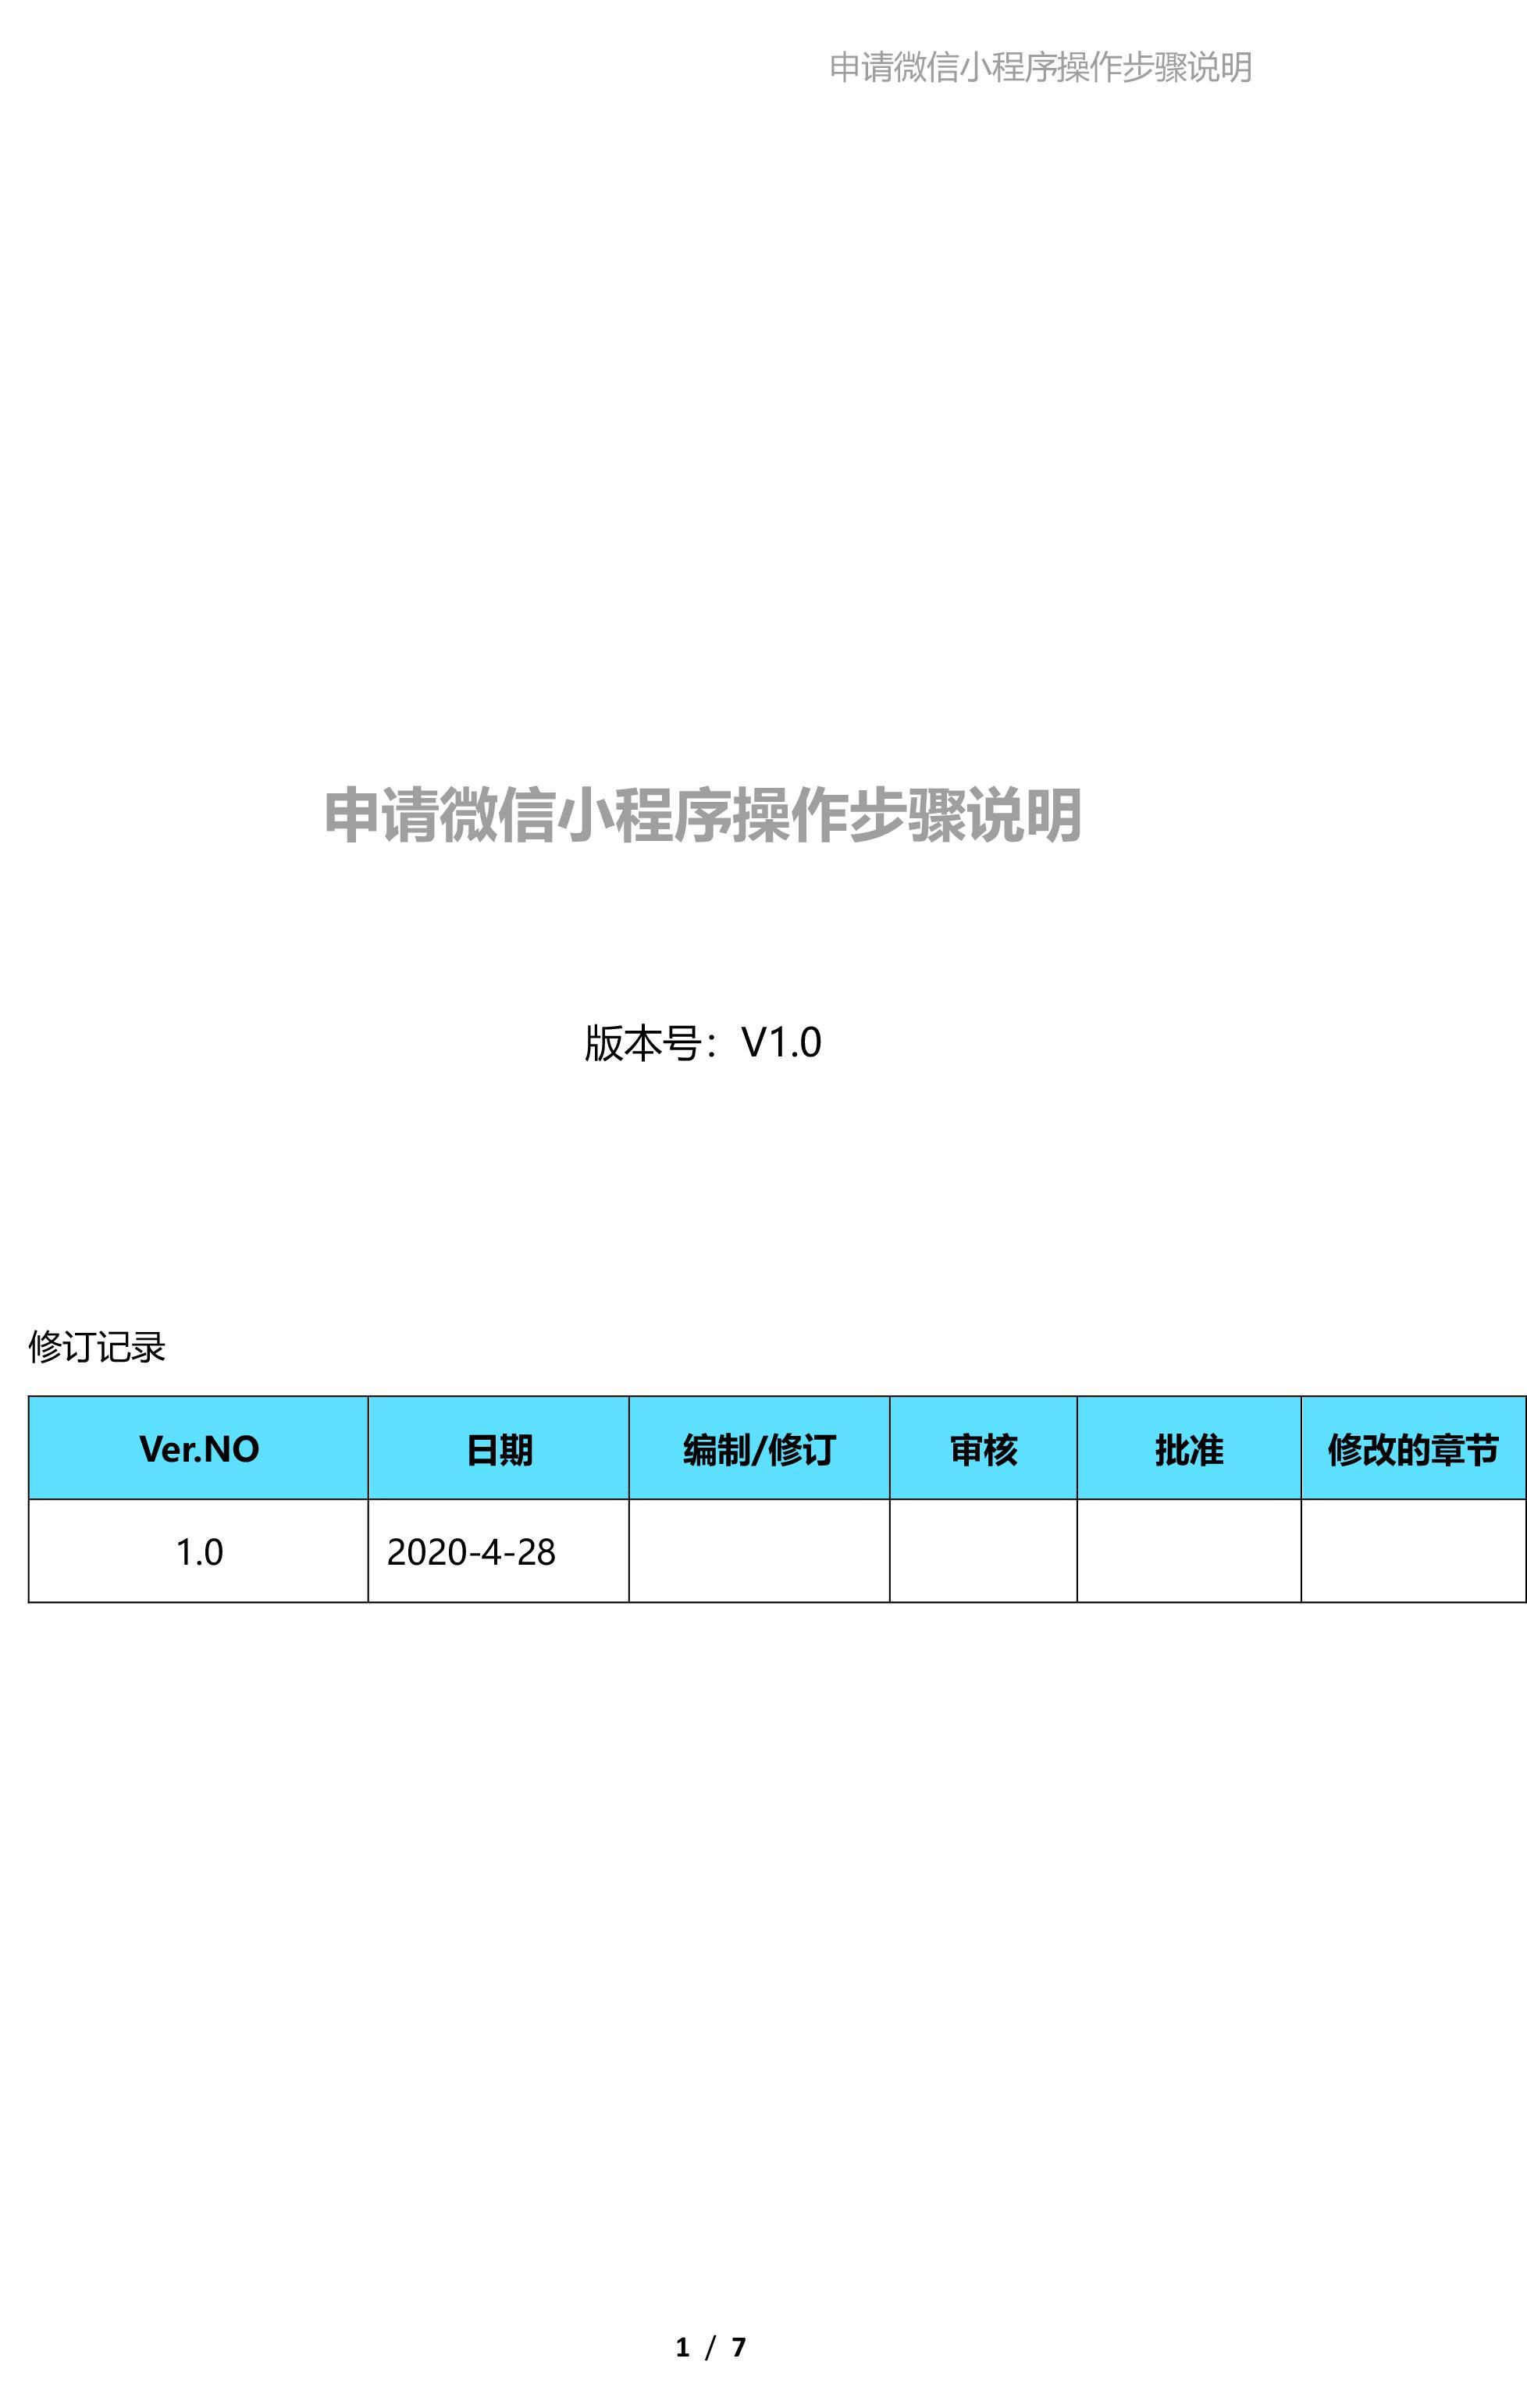 课程3附件、申请微信小程序操作步骤说明-1.jpg